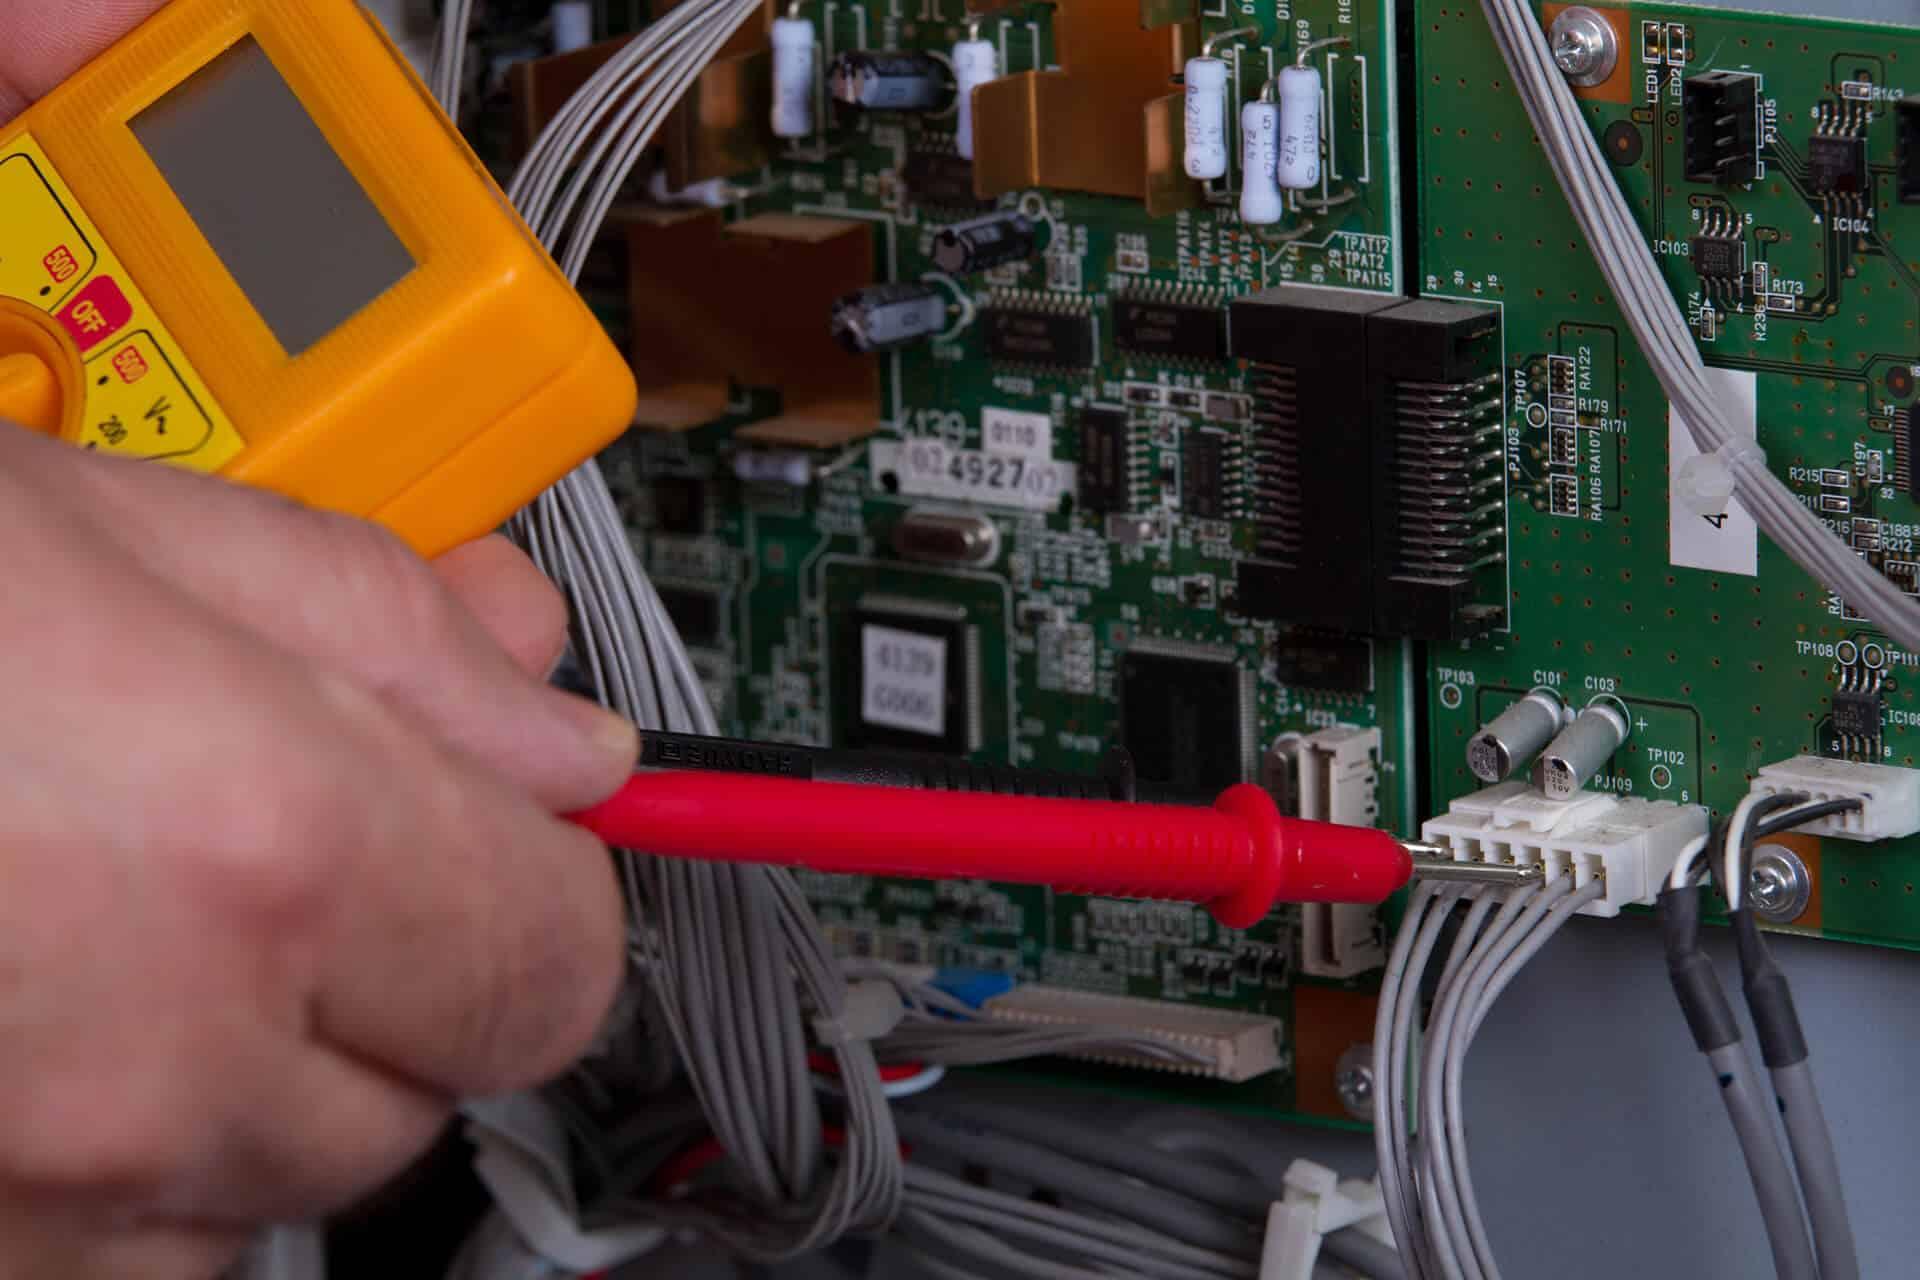 תיקון או החלפת כרטיס אלקטרוני להליכון